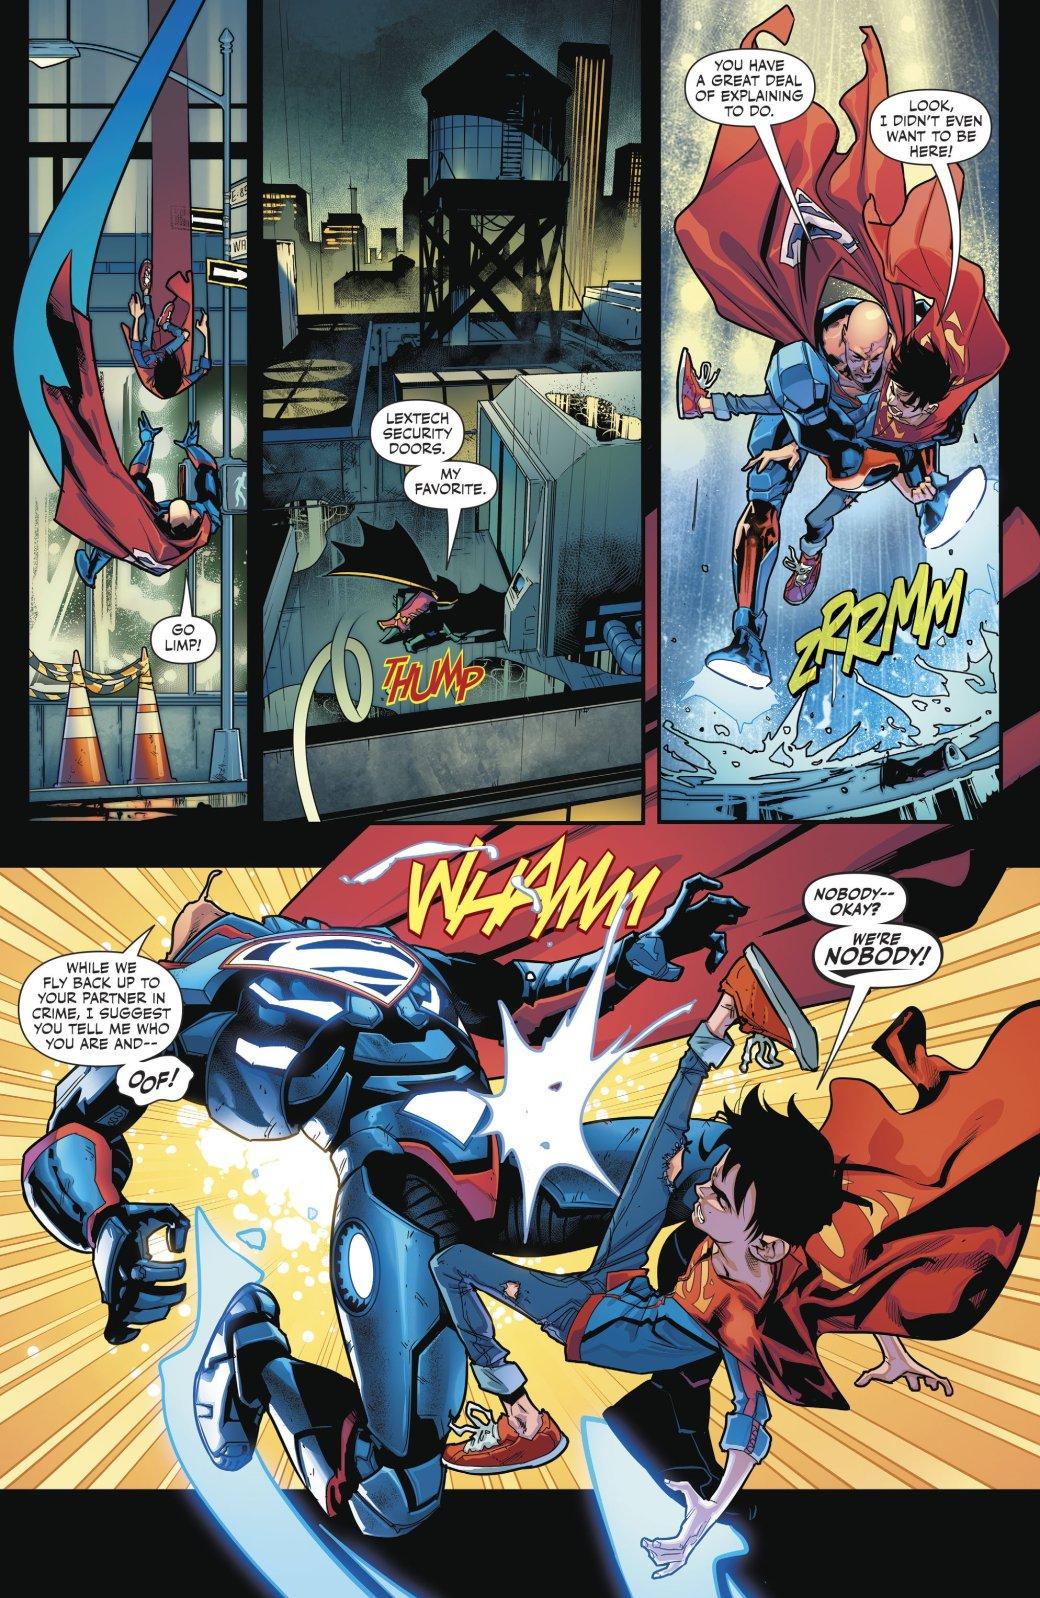 Супербой и Робин столкнулись со своим первым суперзлодеем - Изображение 1